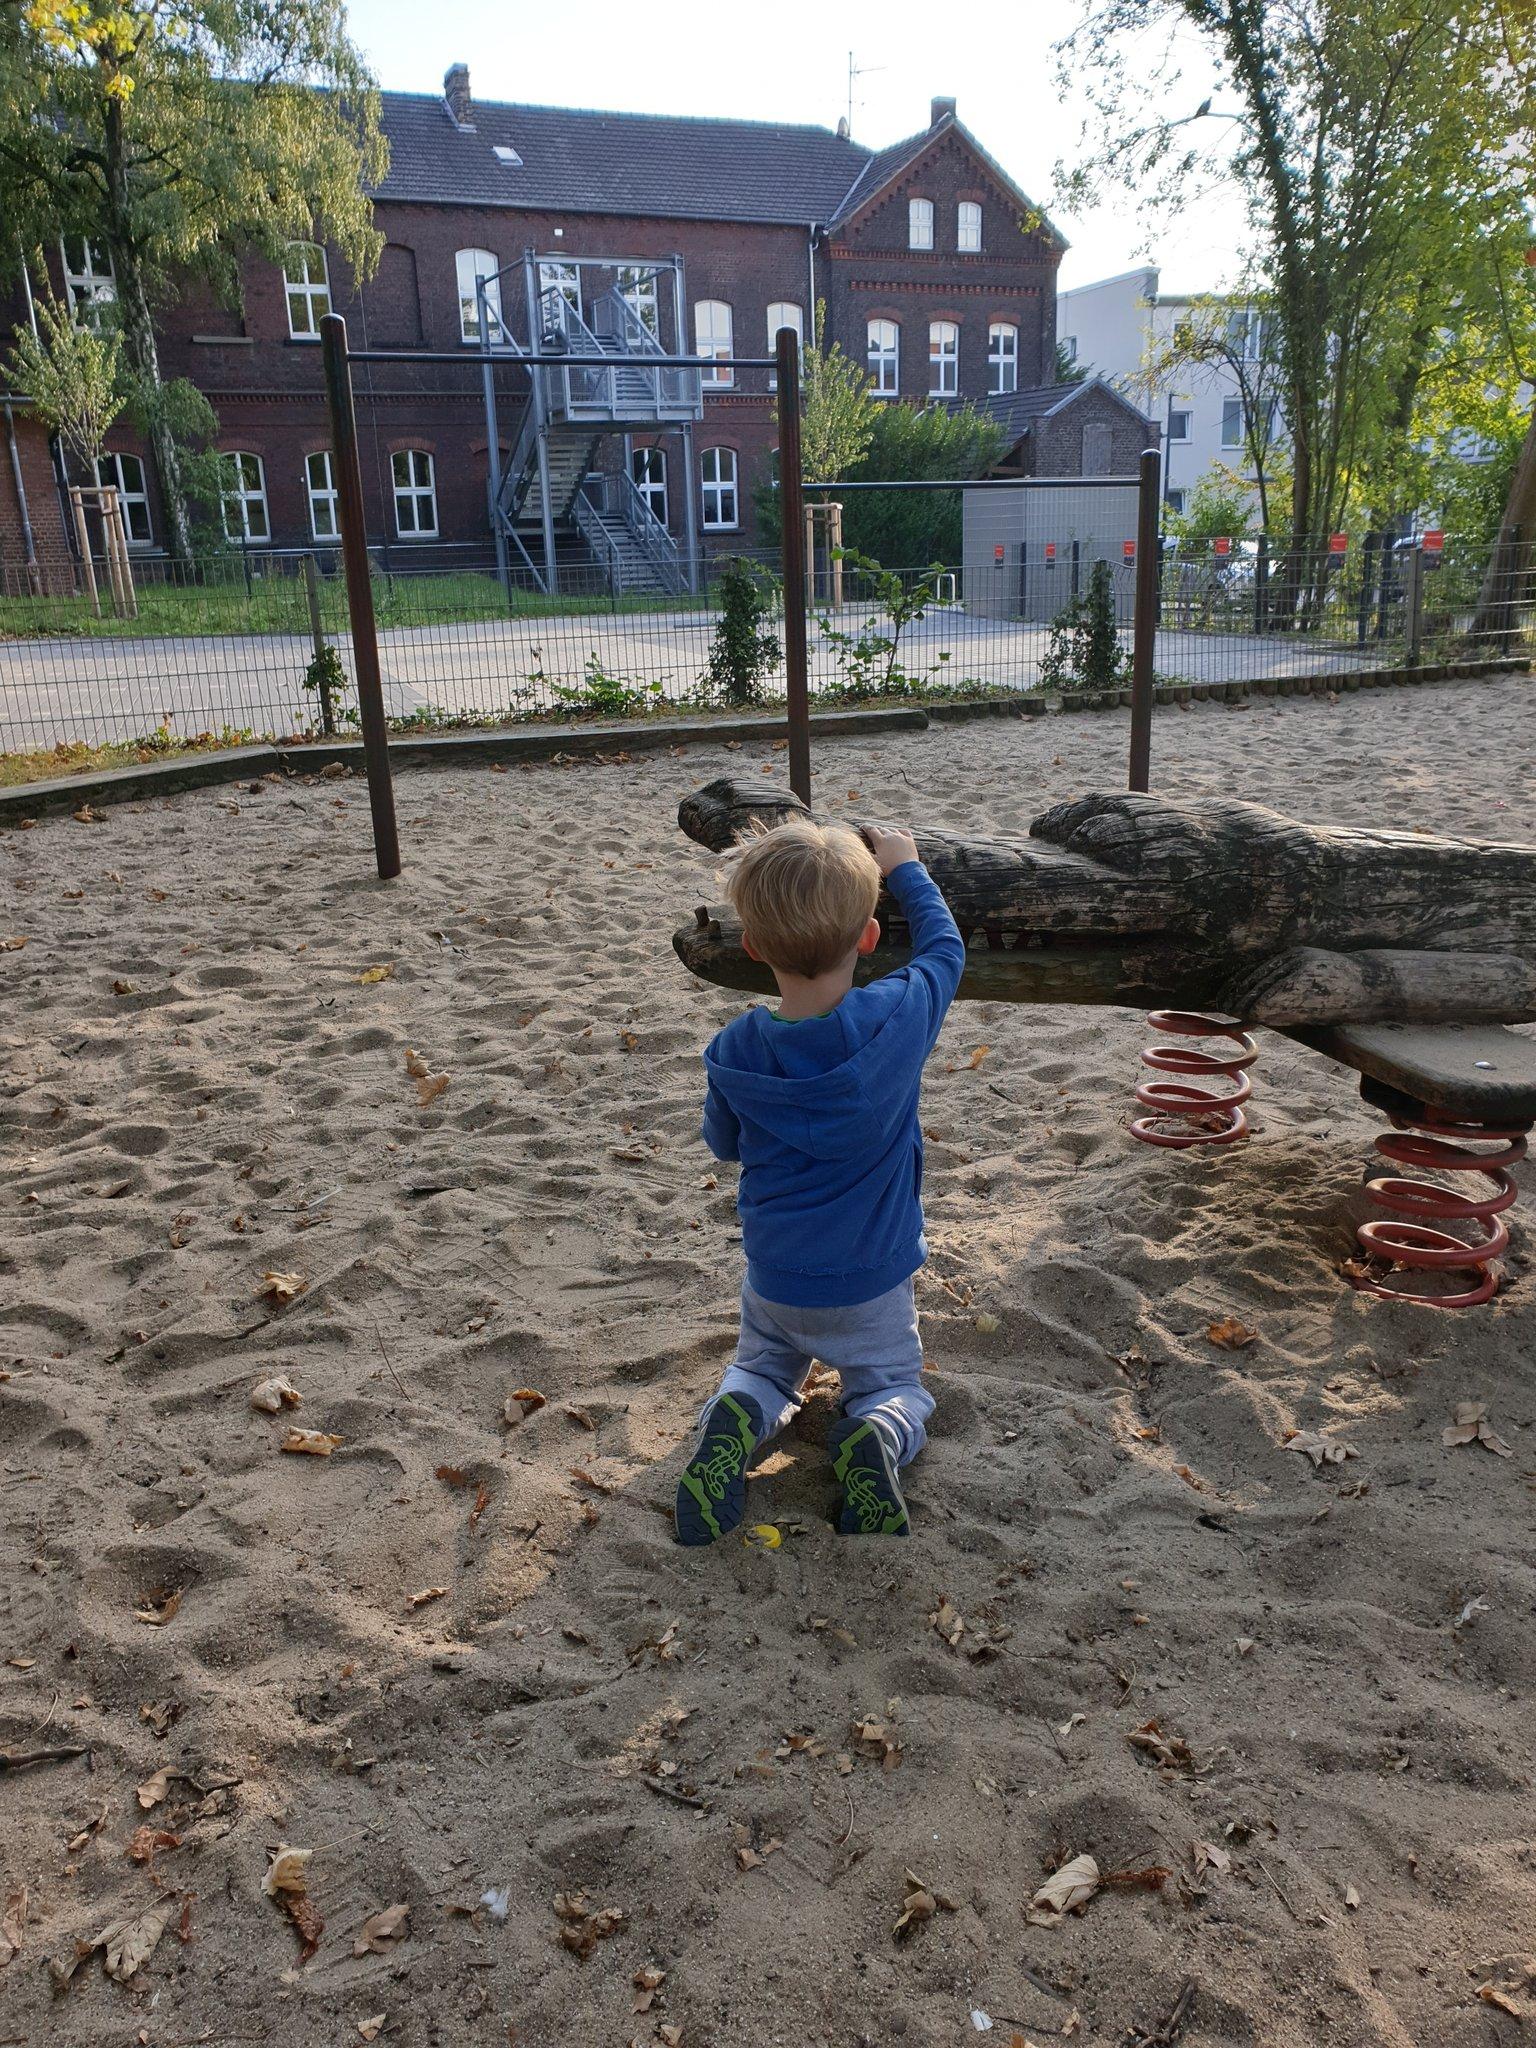 """Projekt """"Kinderfreundliche Kommune"""": Fraktionen stellen Antrag zur Stärkung der Kinderrechte in Dinslaken - Dinslaken - Lokalkompass.de"""